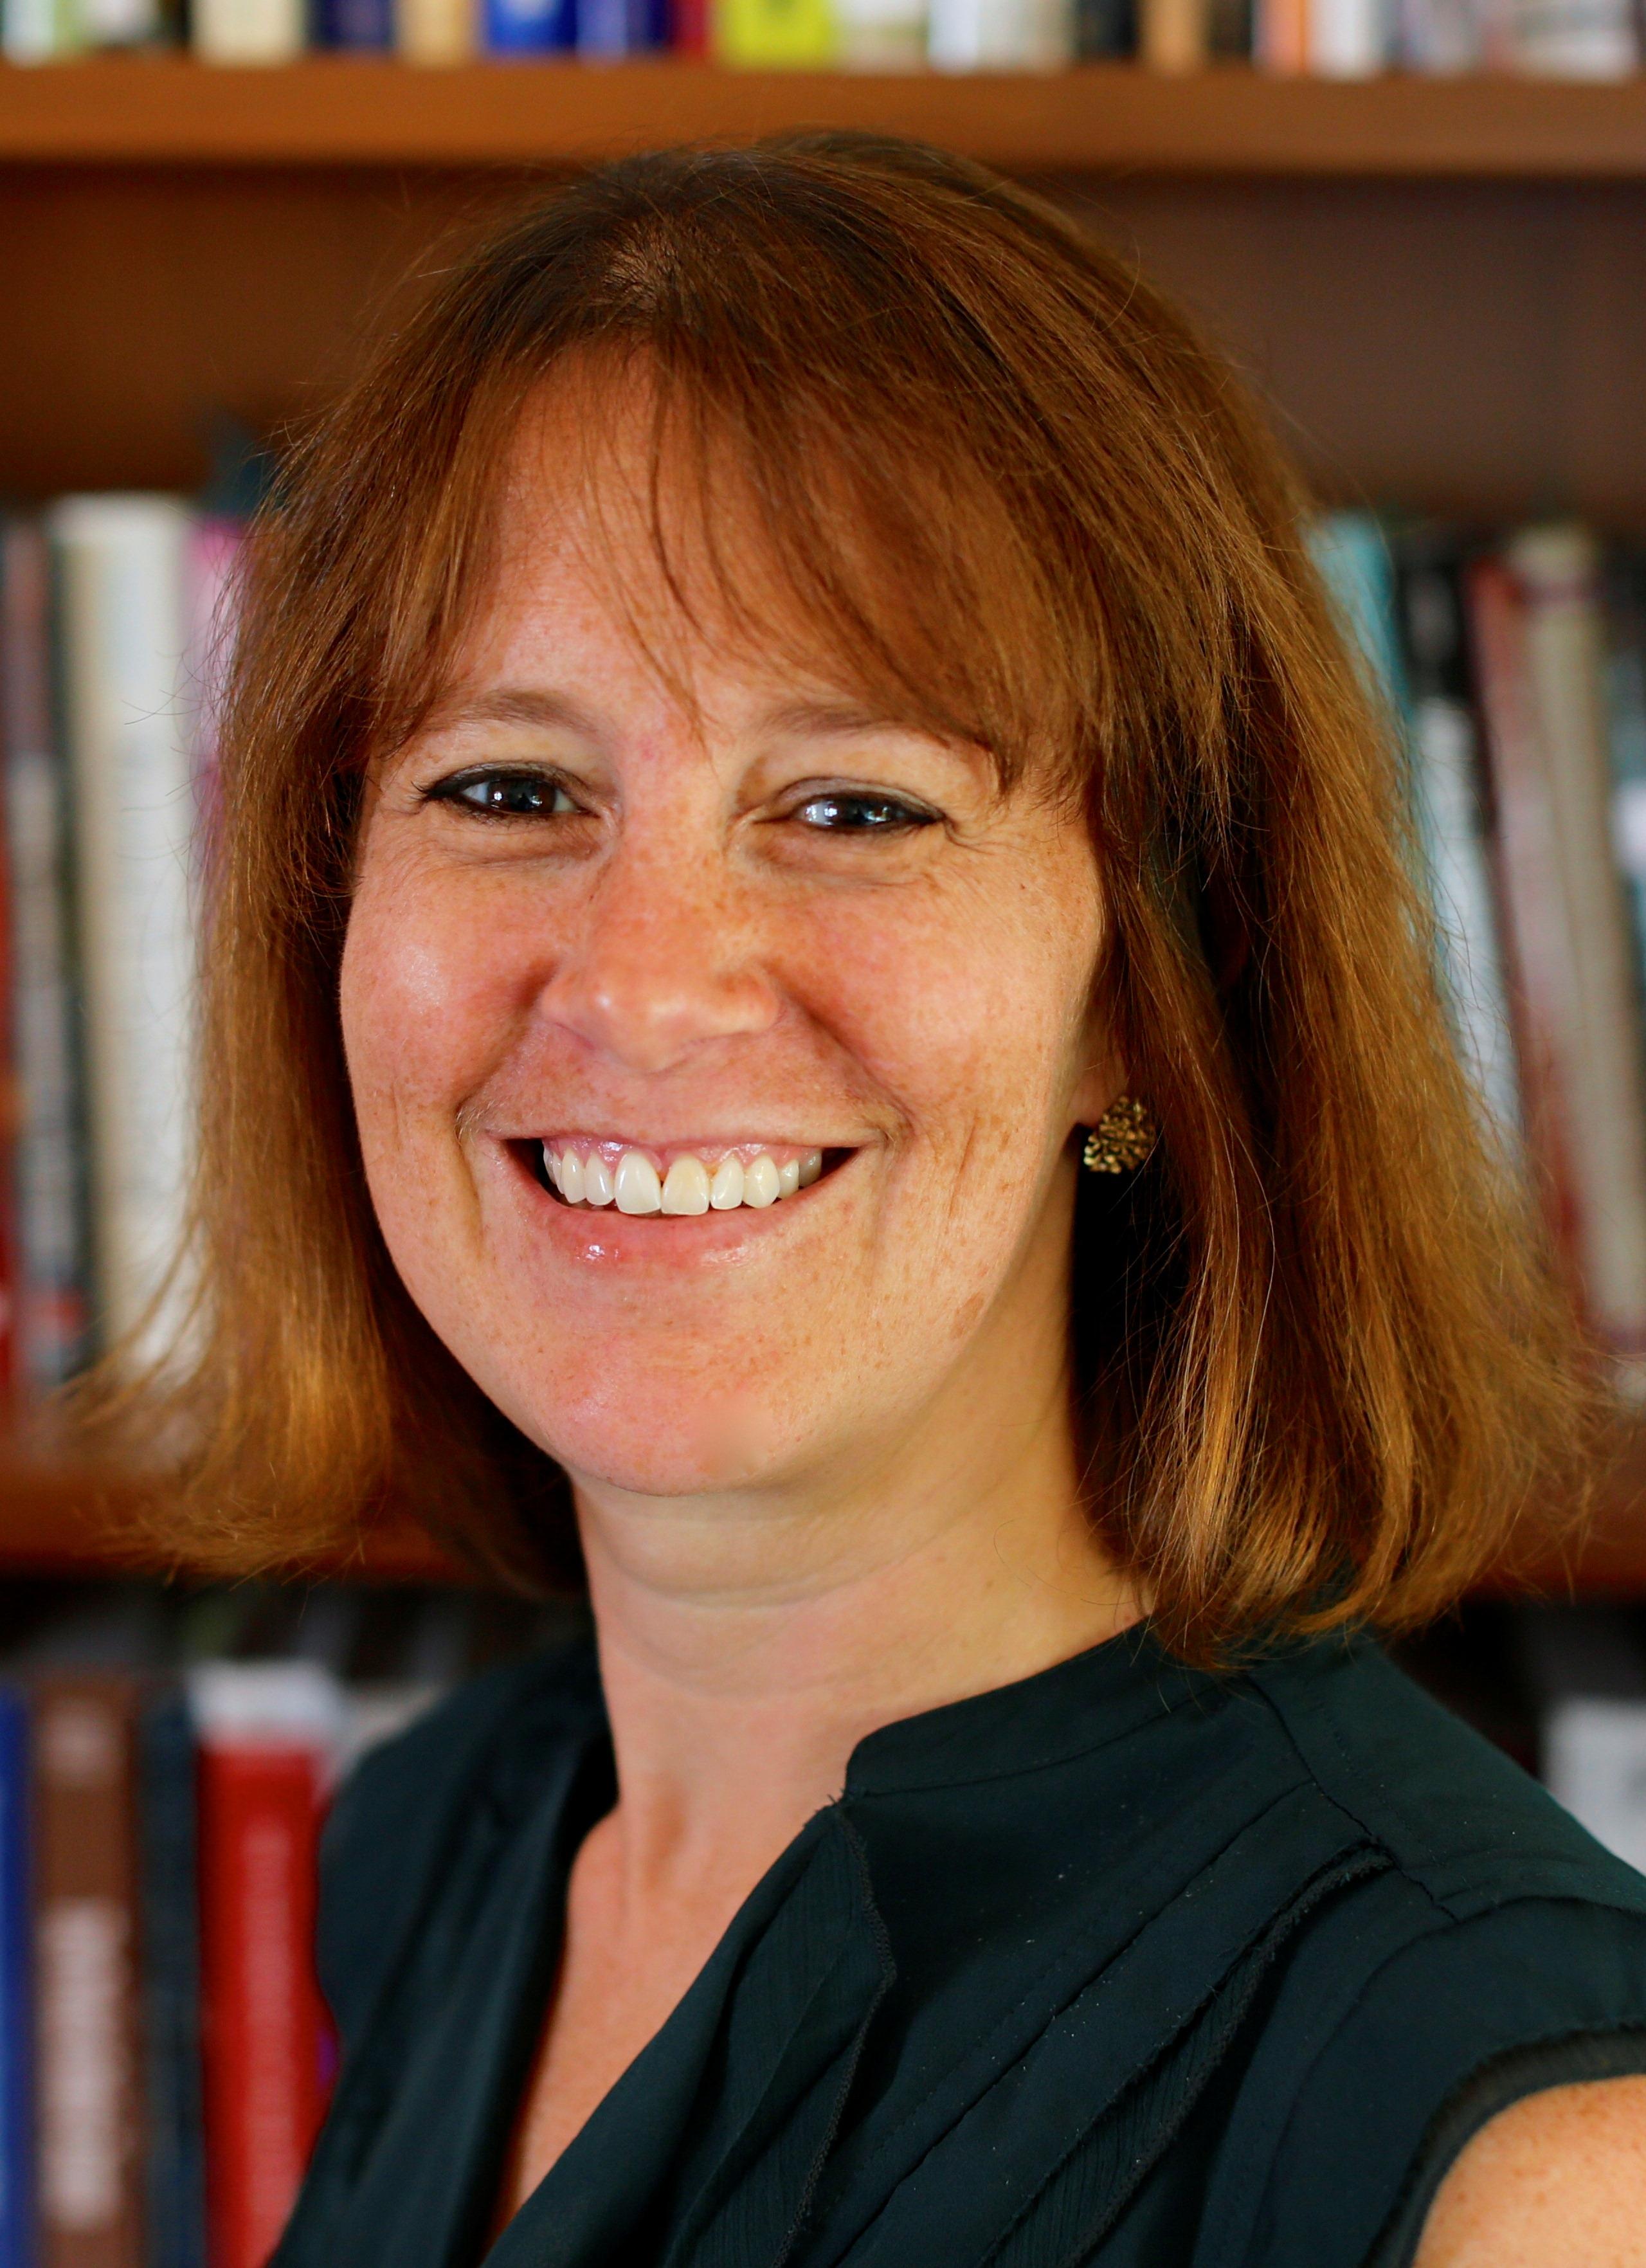 Allison Gandhi